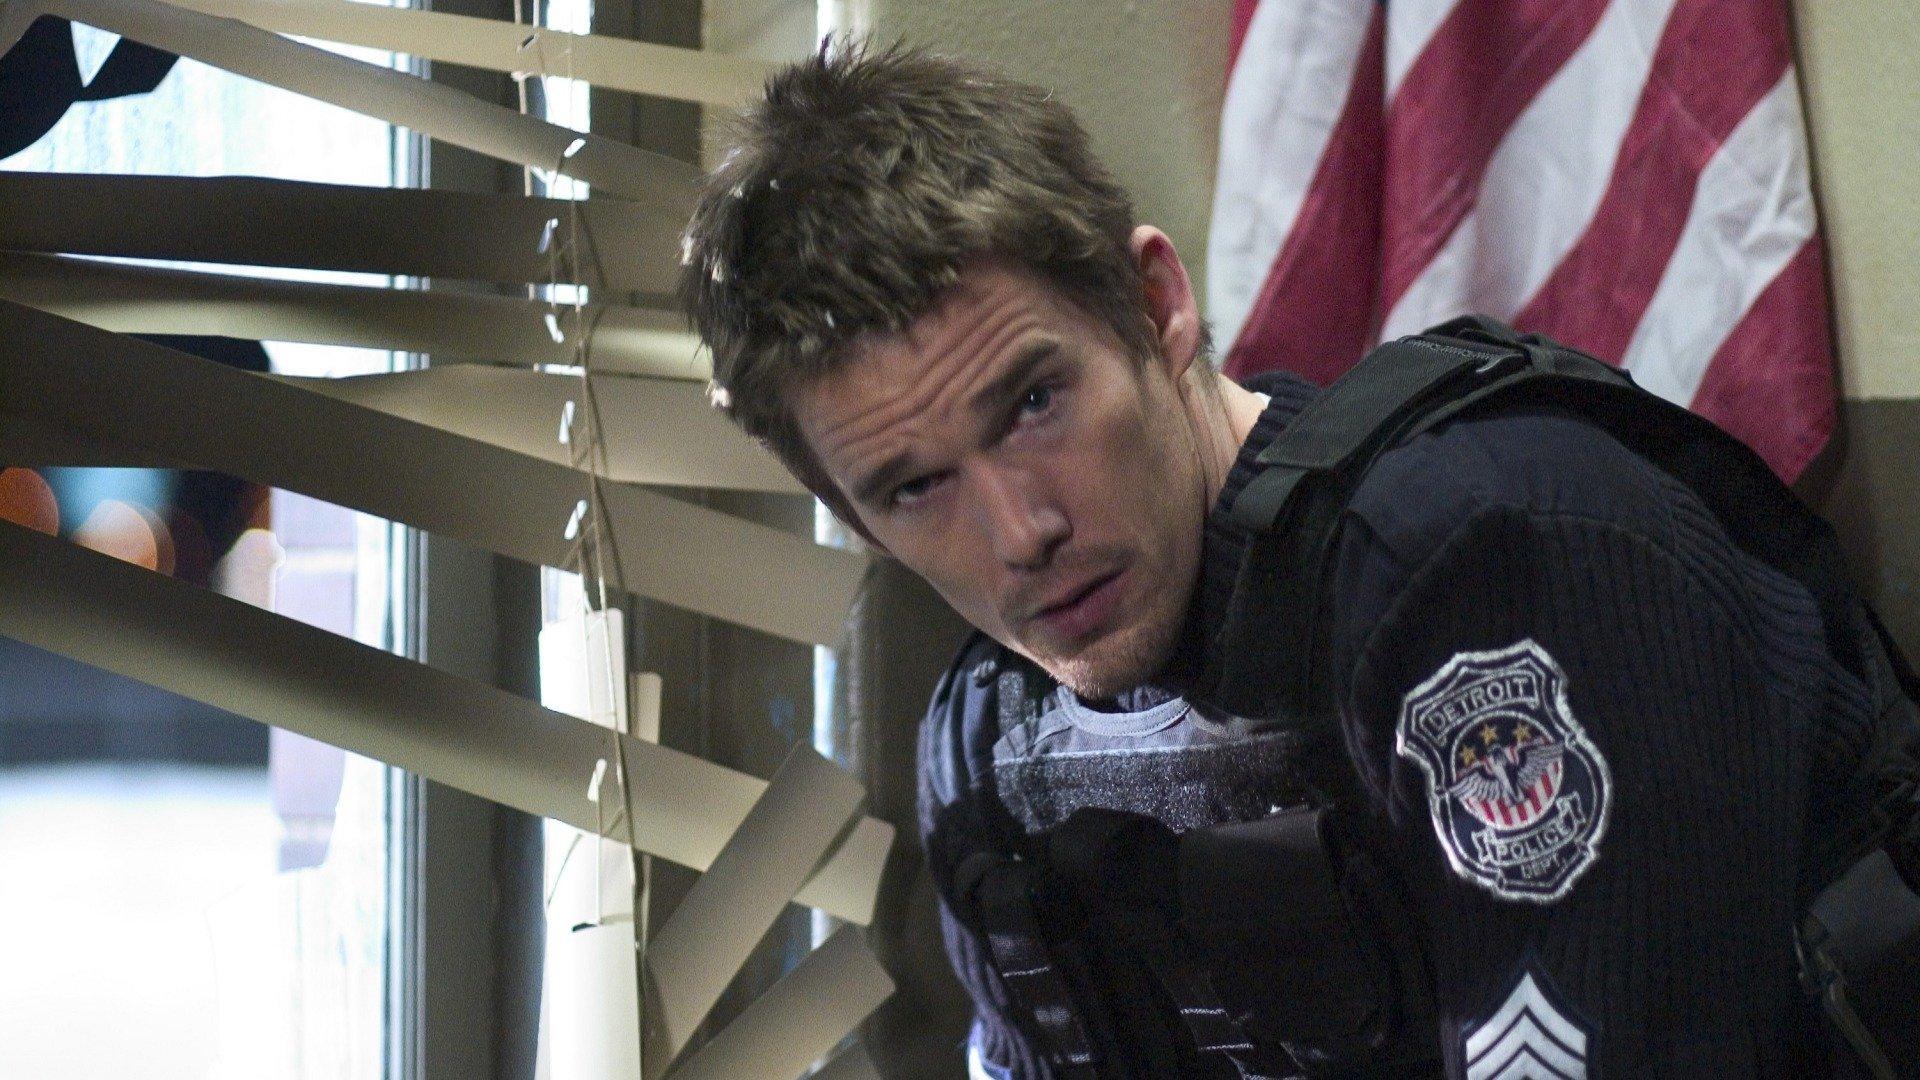 Ethan Hawke as Sergeant Jake Roenick in Assault on Precinct 13 (2005)